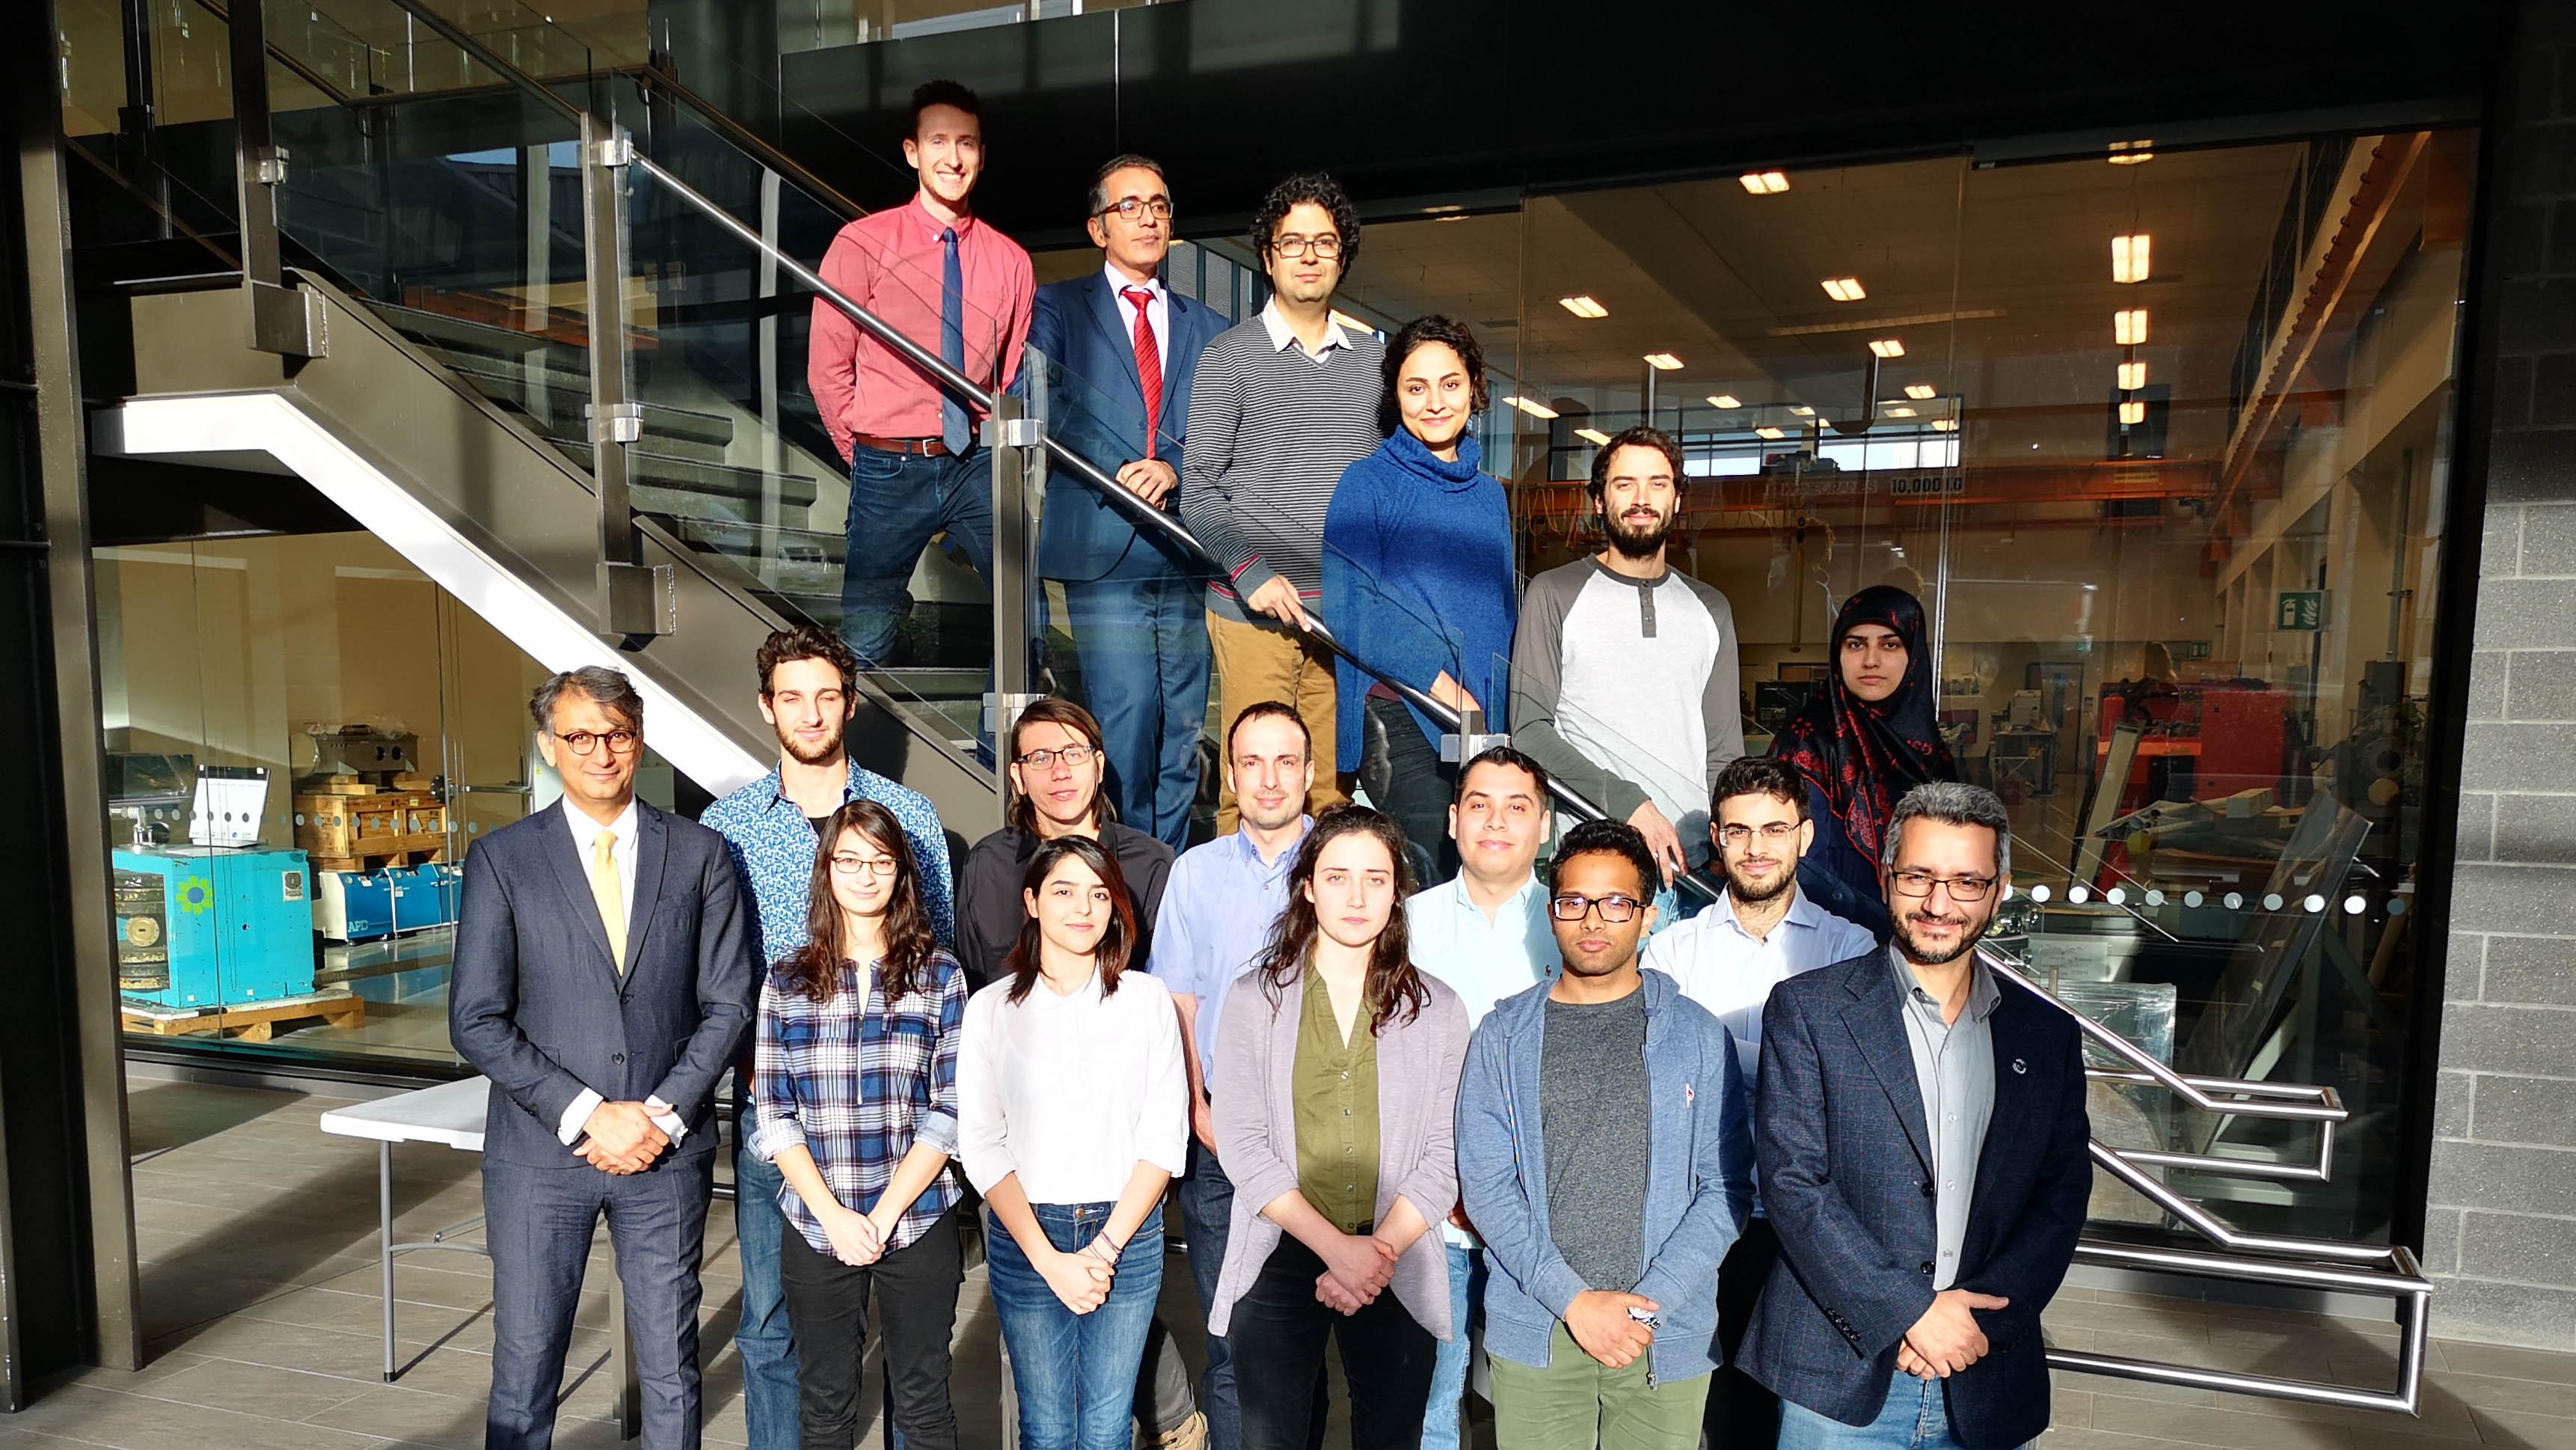 Le professeur Karimi et son équipe